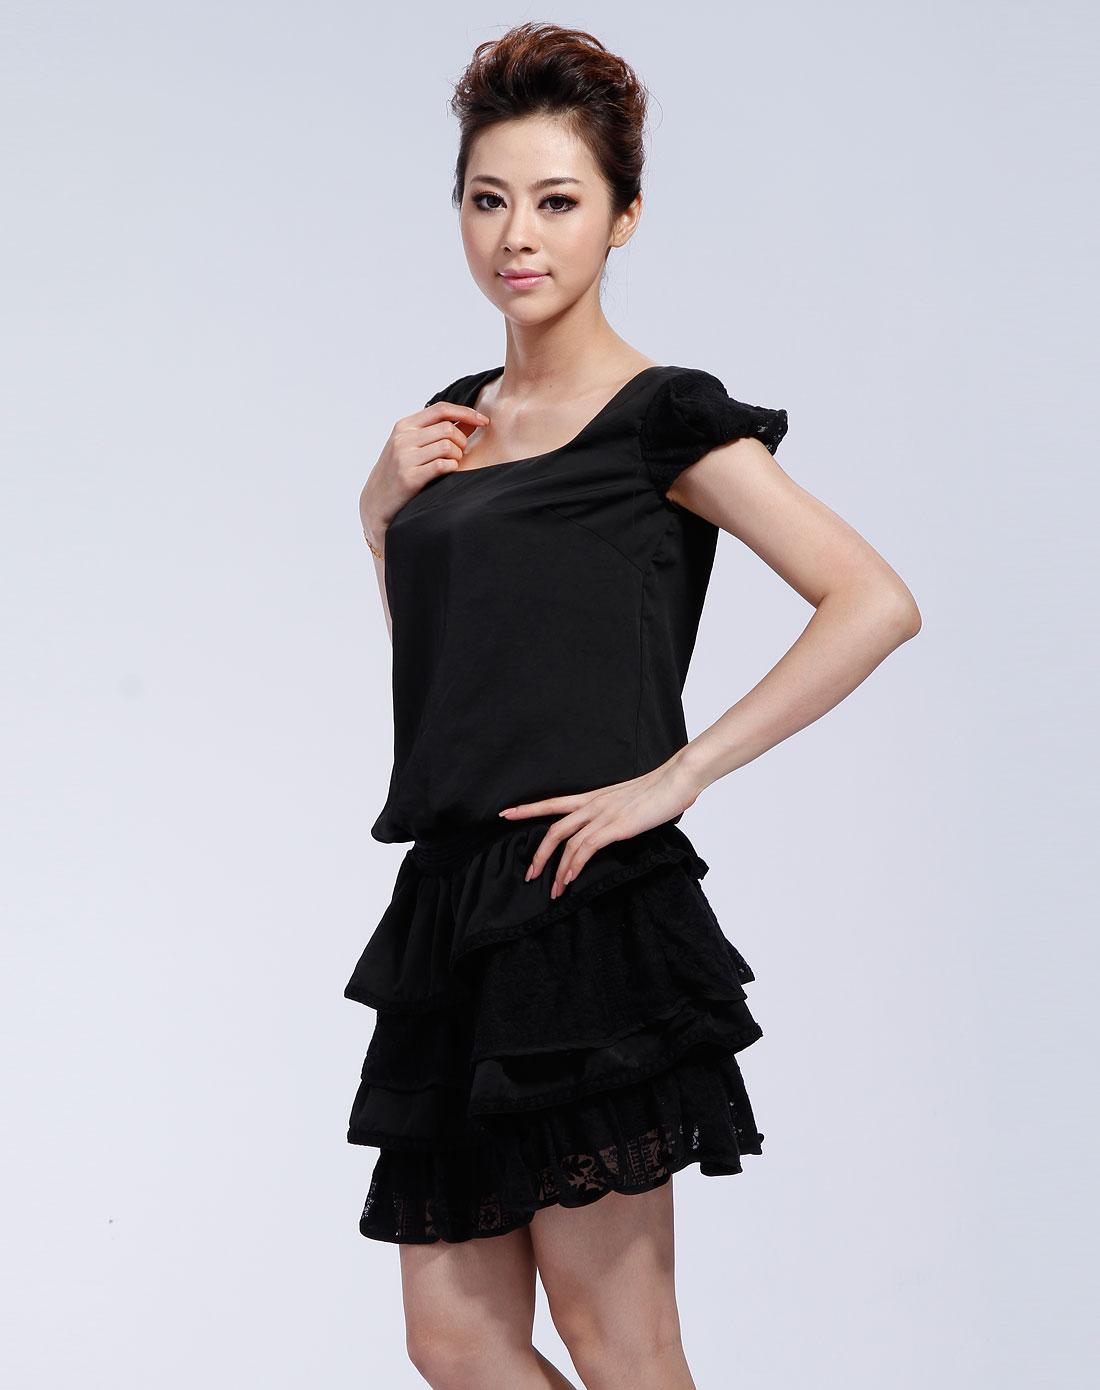 黑色短袖叠层连衣裙